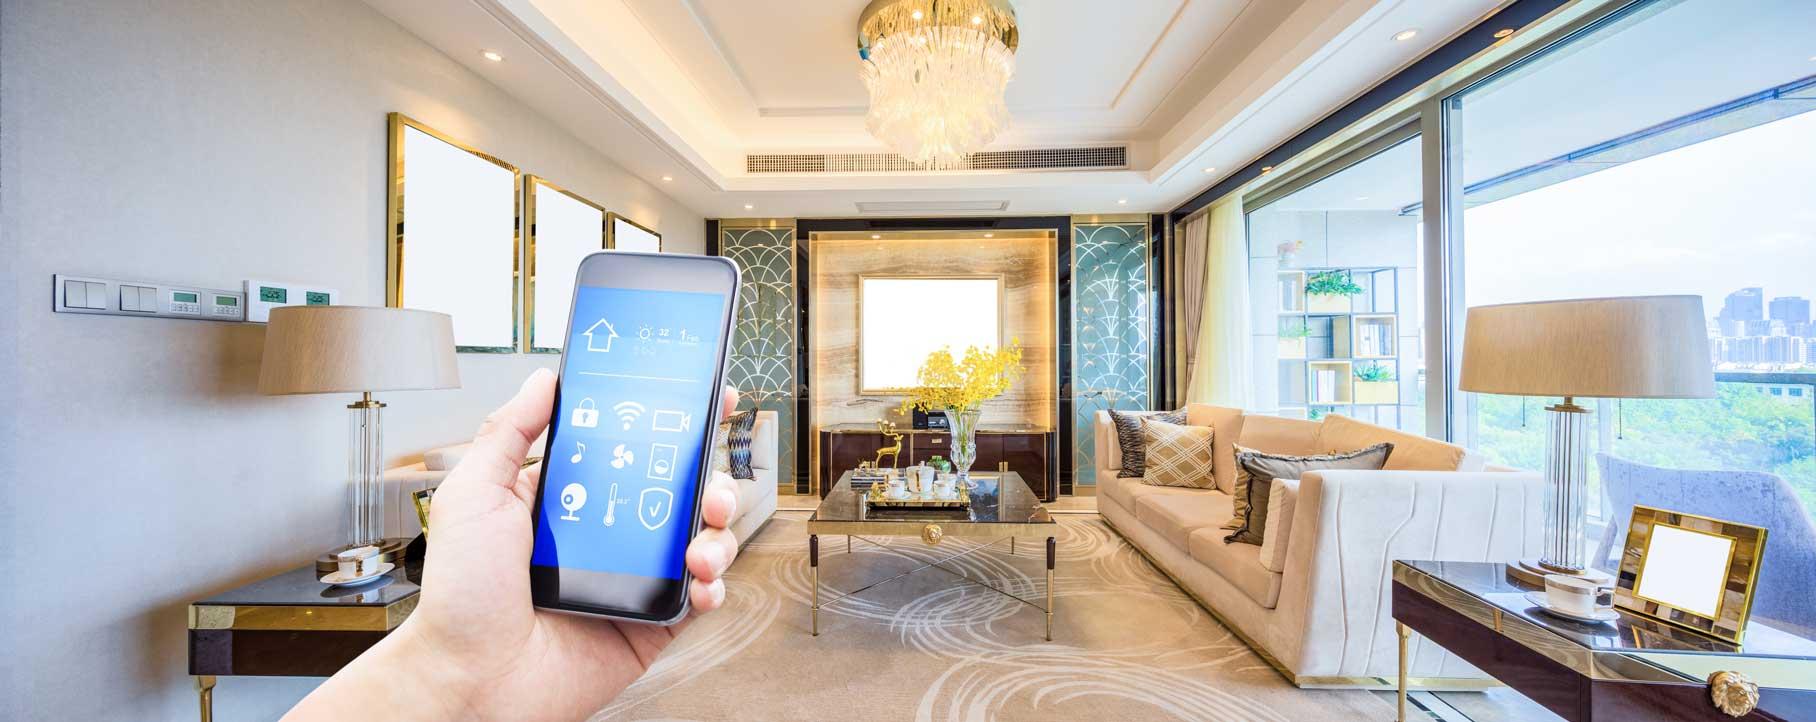 best smart home ideas